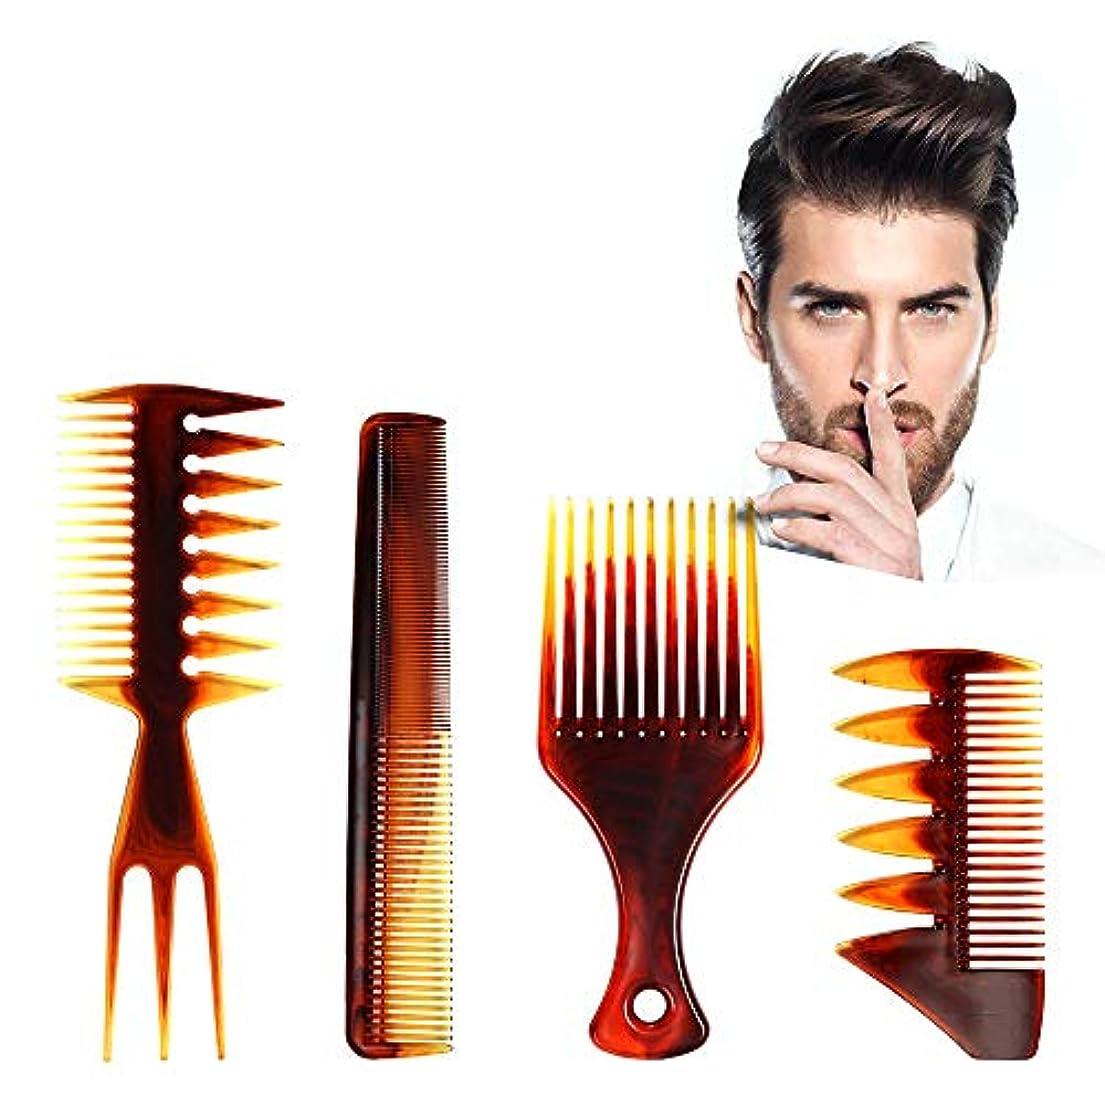 説教フライト微視的ヘアスタイリストプロのスタイリングコームセットバラエティパックすべての髪の種類とスタイルに最適男性用アンチスタティックヘアブラシ(4個)